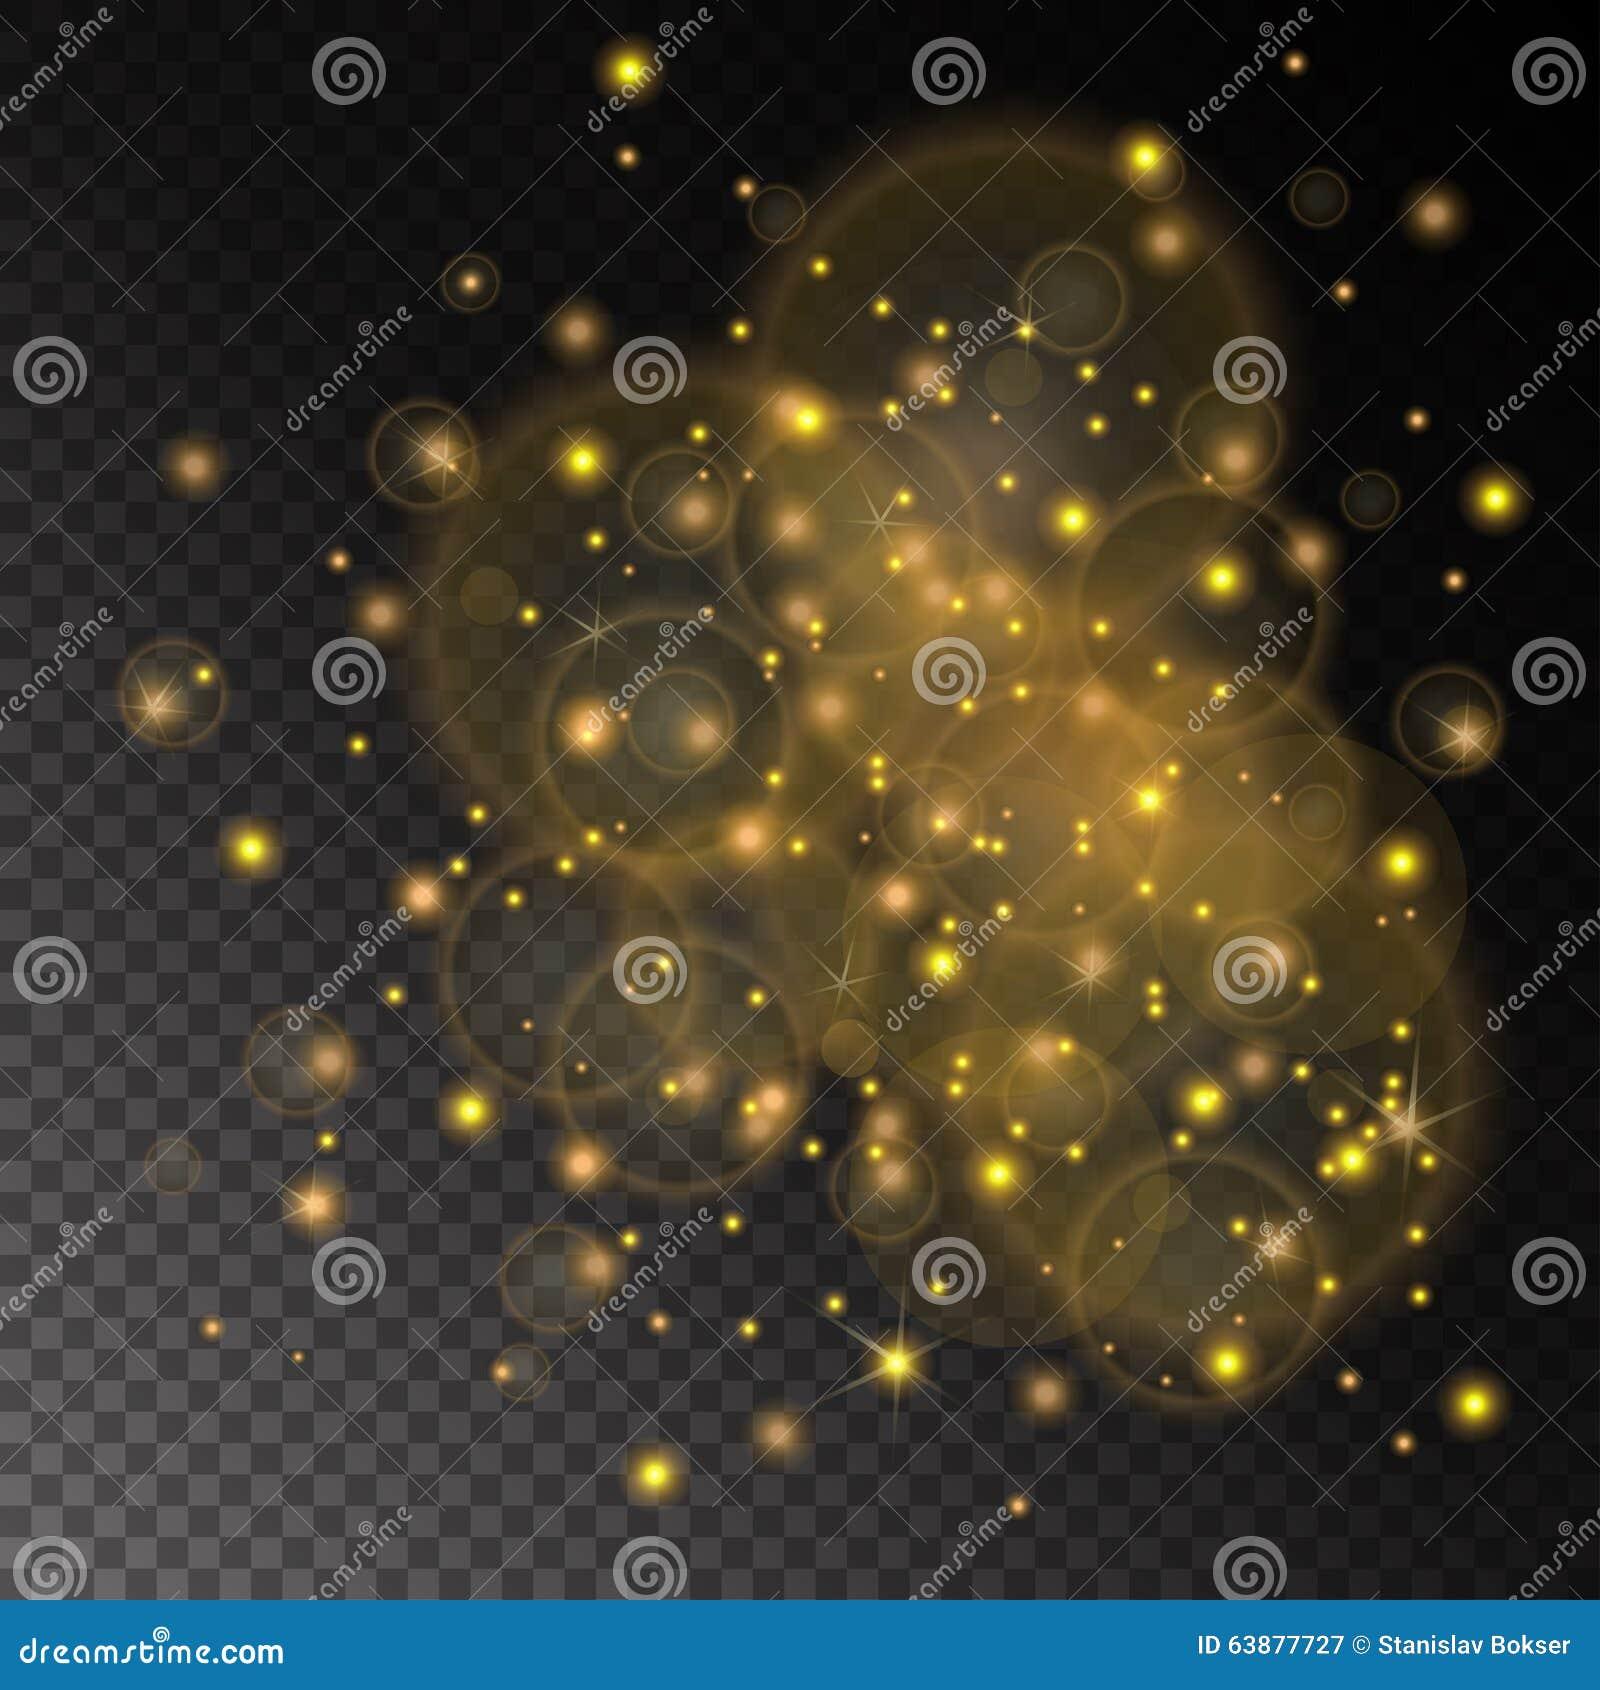 De vector gouden samenvatting van het lichtenconcept op de transparante achtergrond van de schaakraad